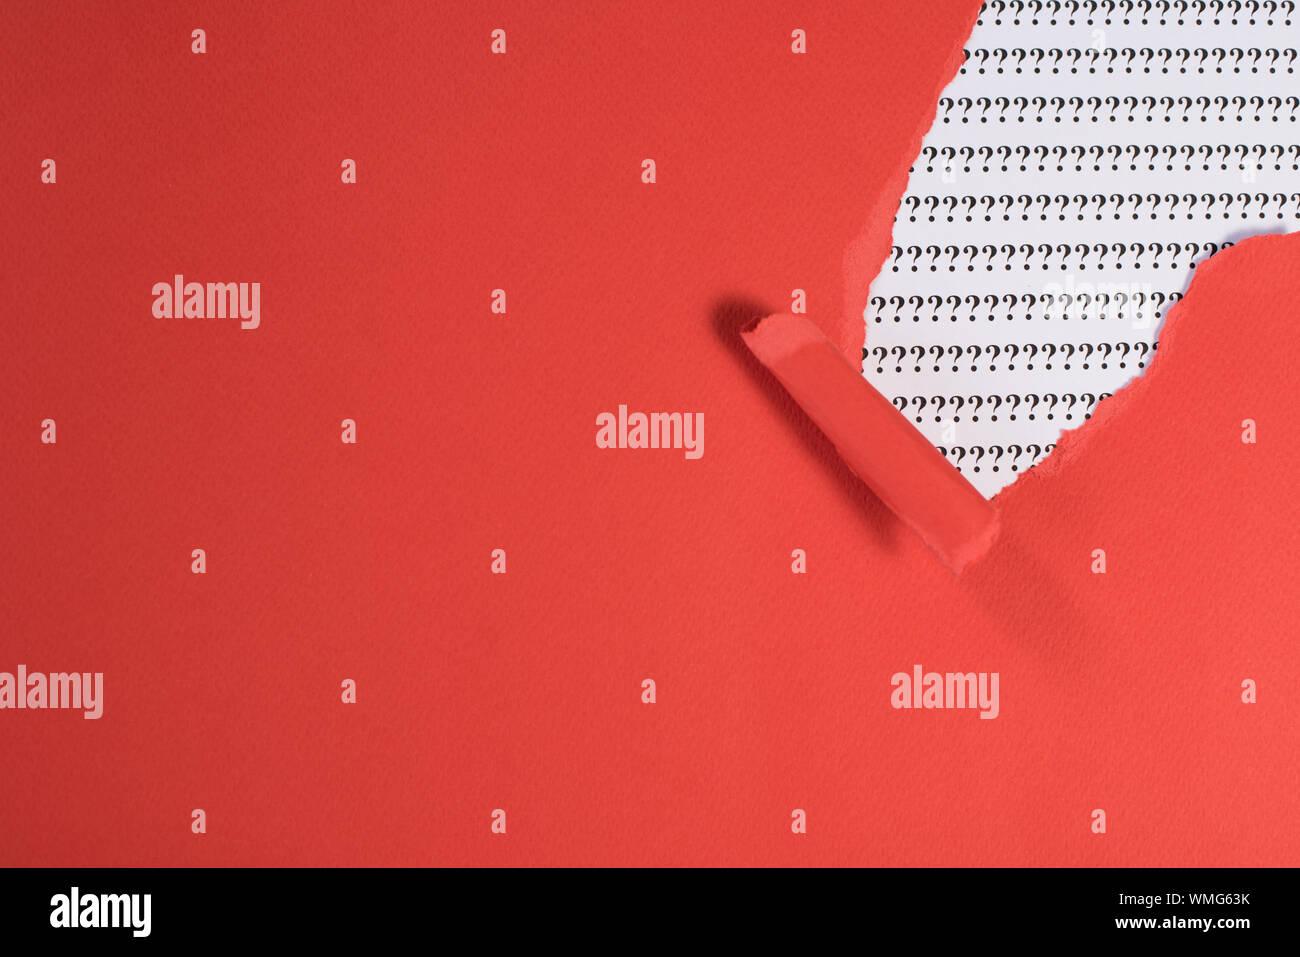 Papel rojo teared revelando interrogación sobre papel blanco. Concepto de FAQ, Q&A, buscar riddle e información Foto de stock